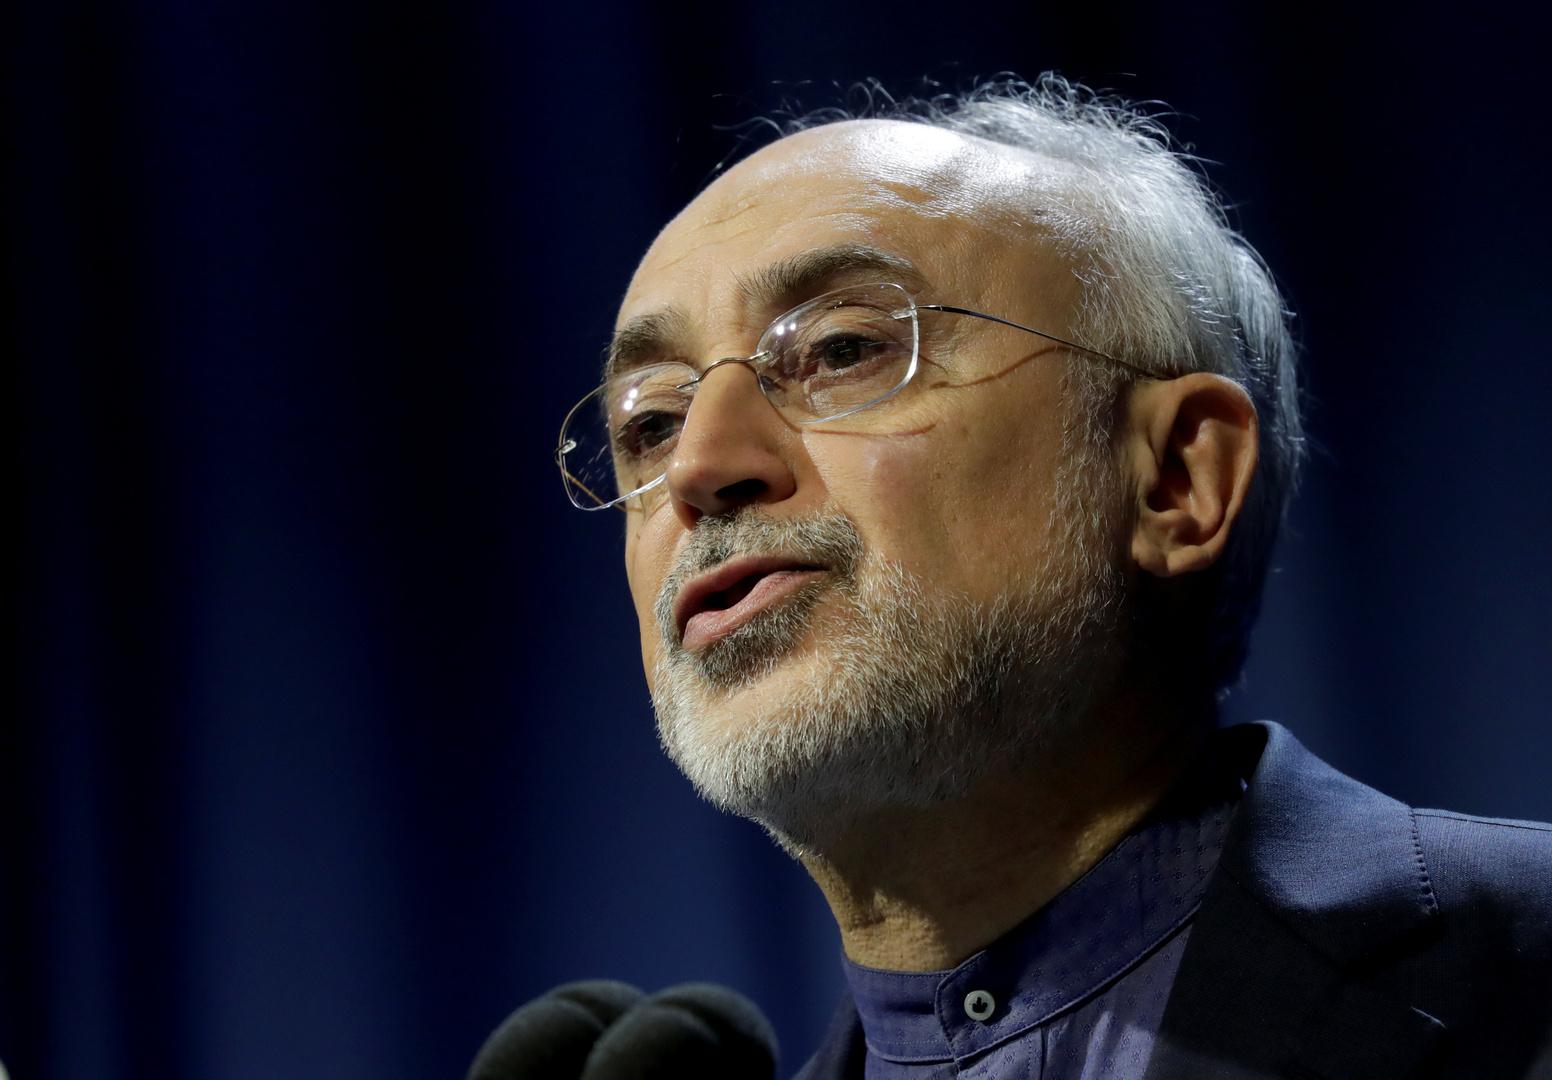 رئيس منظمة الطاقة الذرية الإيرانية، على أكبر صالحي